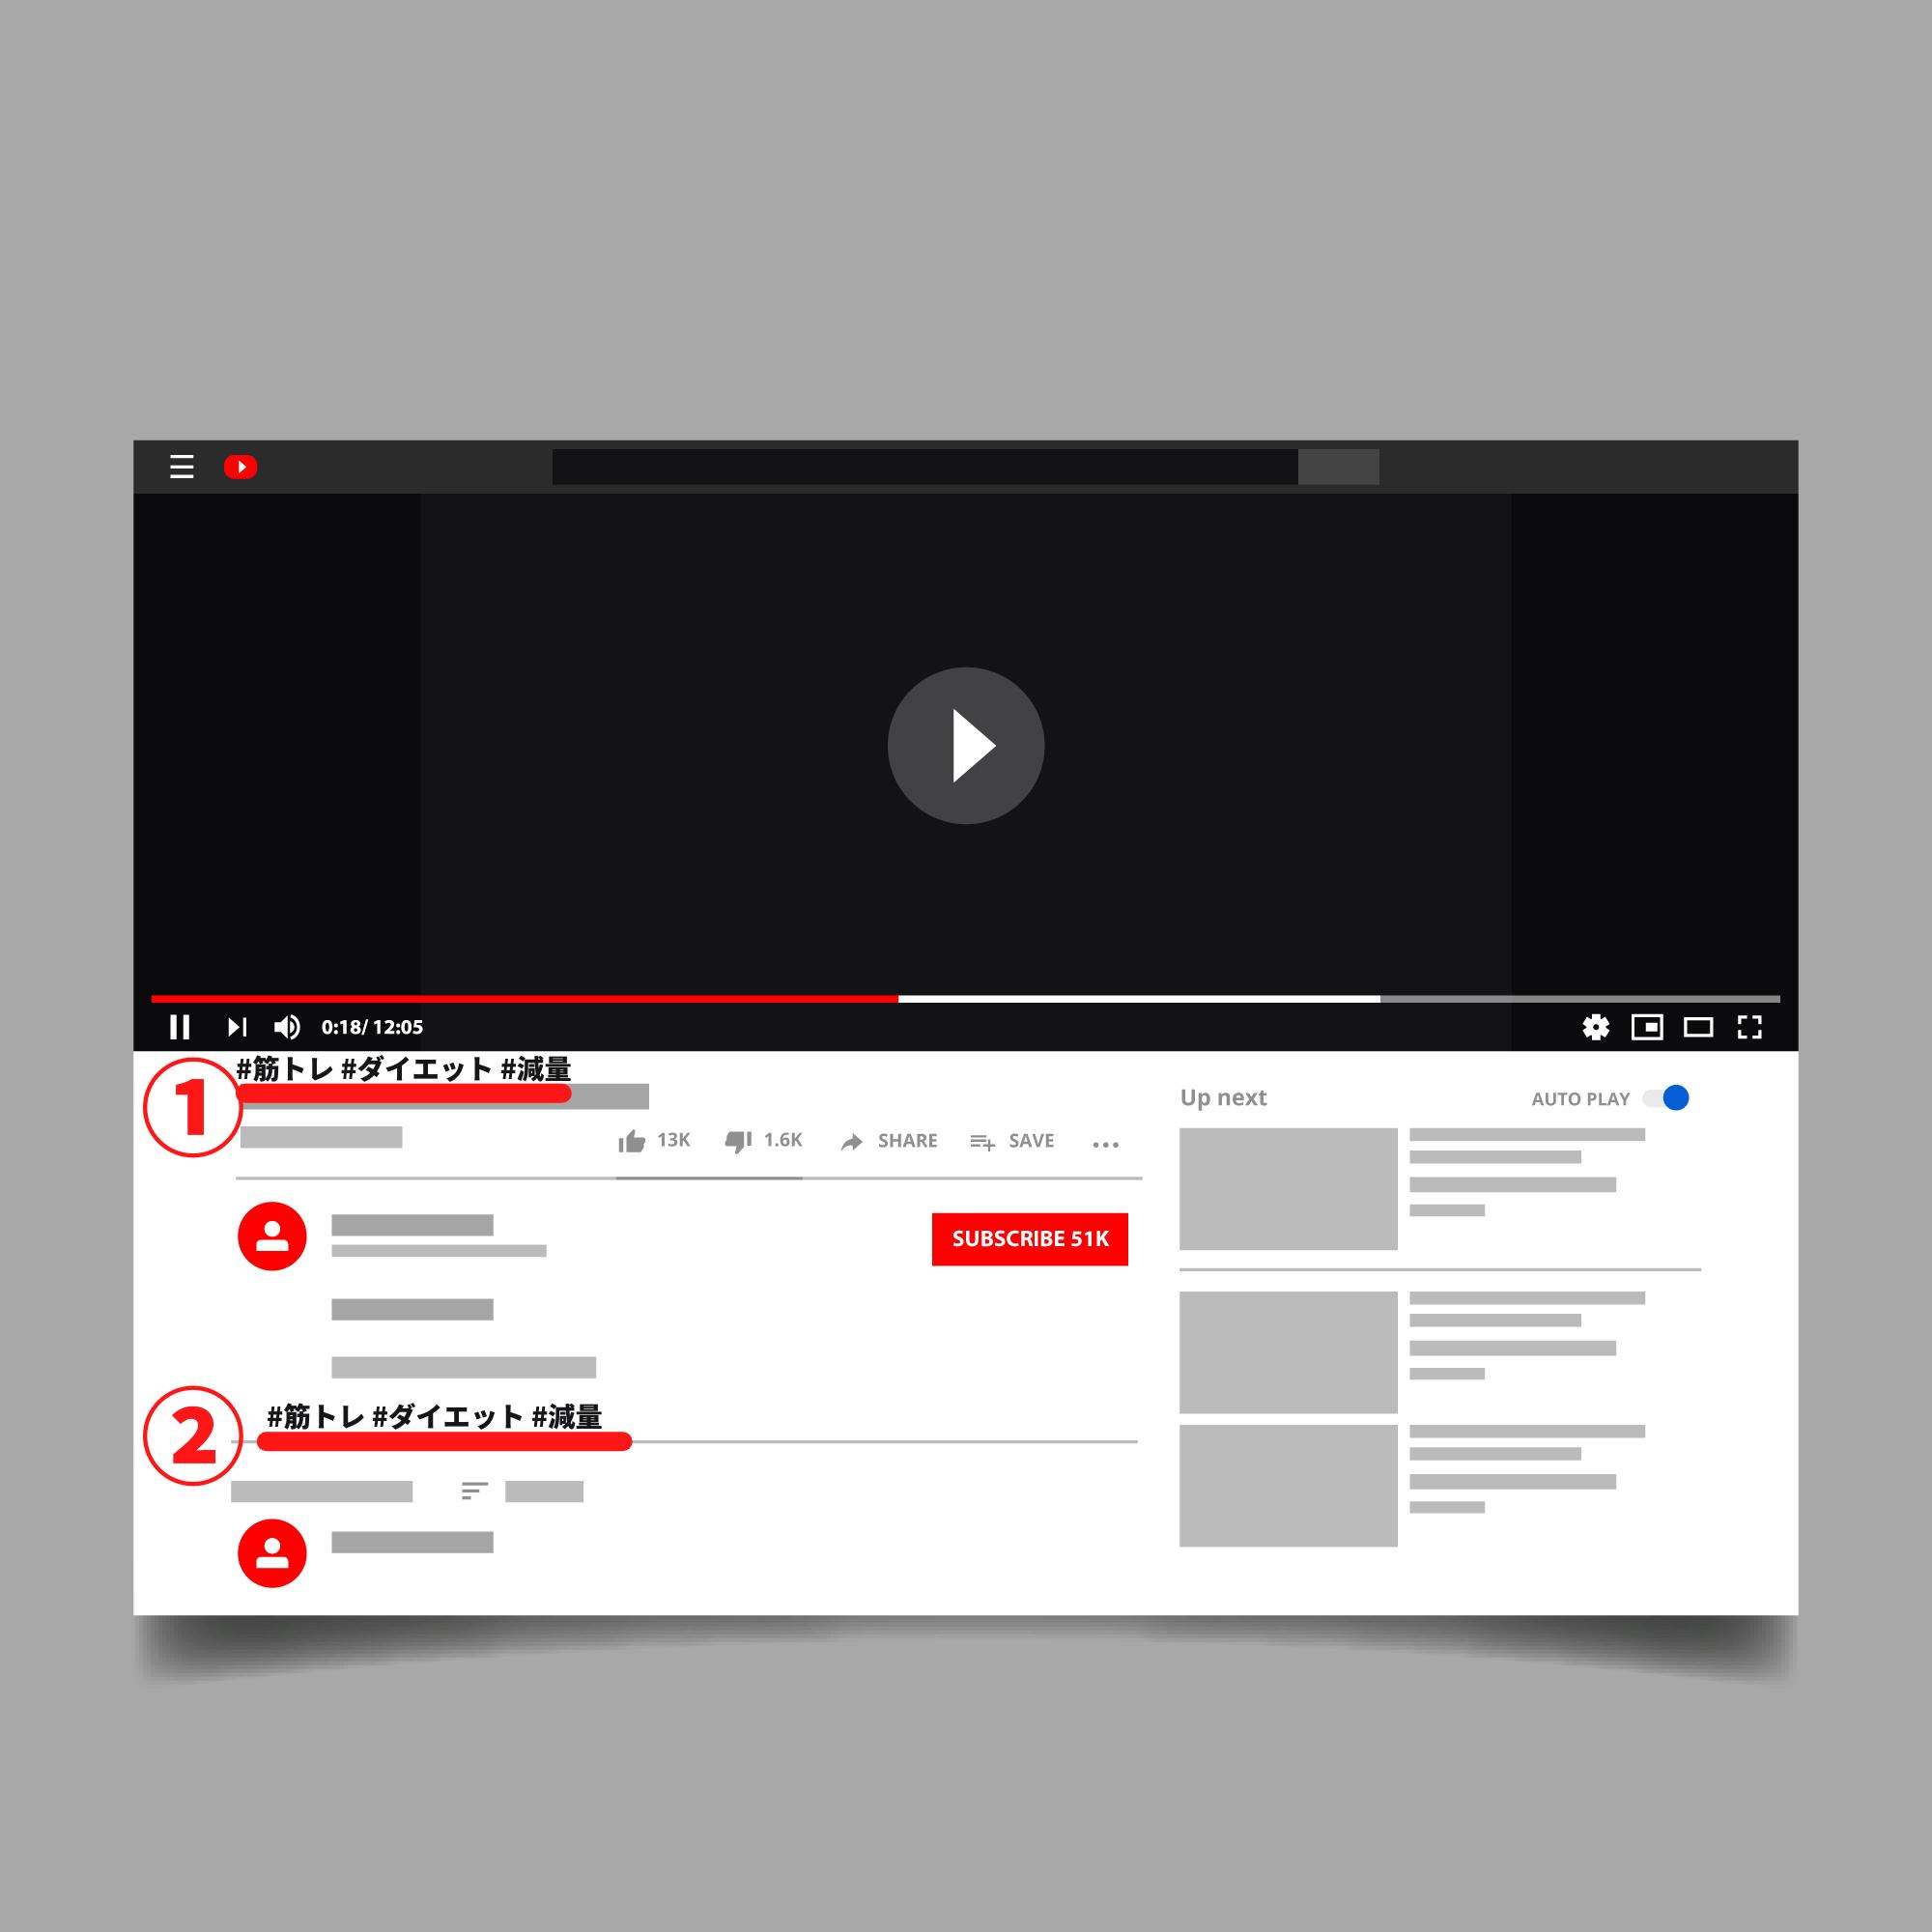 youtube-hashtag-place